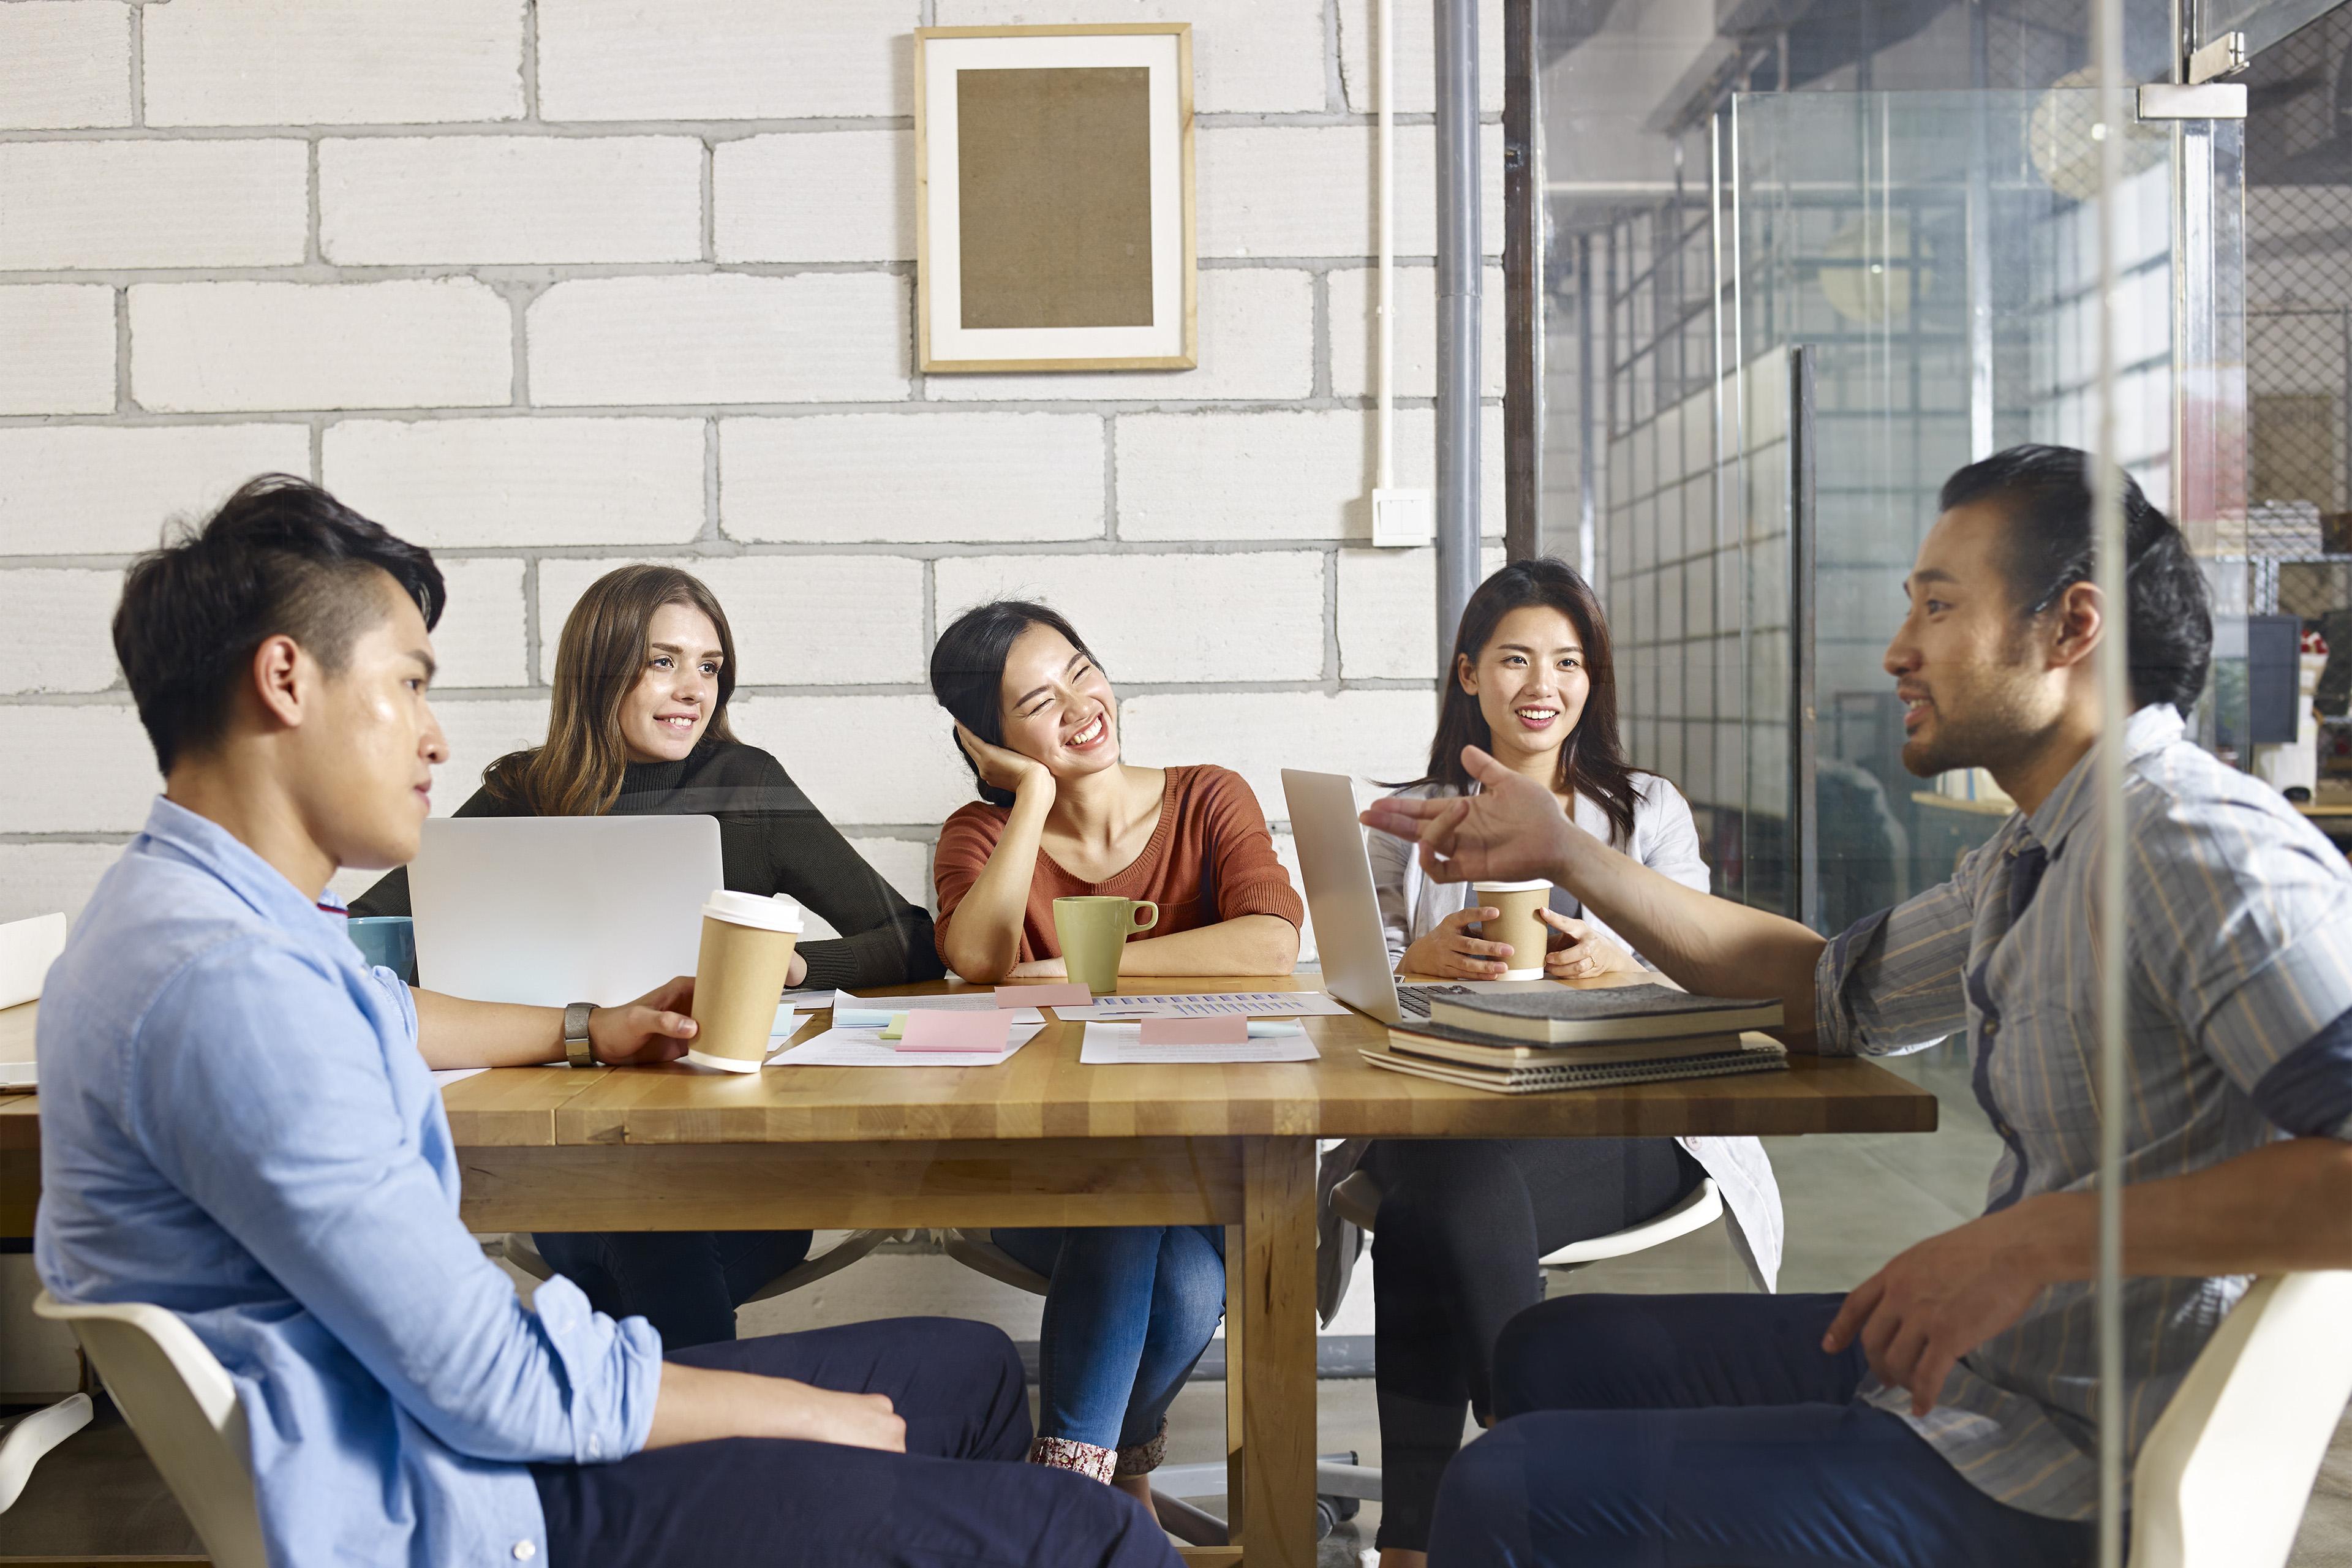 プロジェクトについて議論するグループ